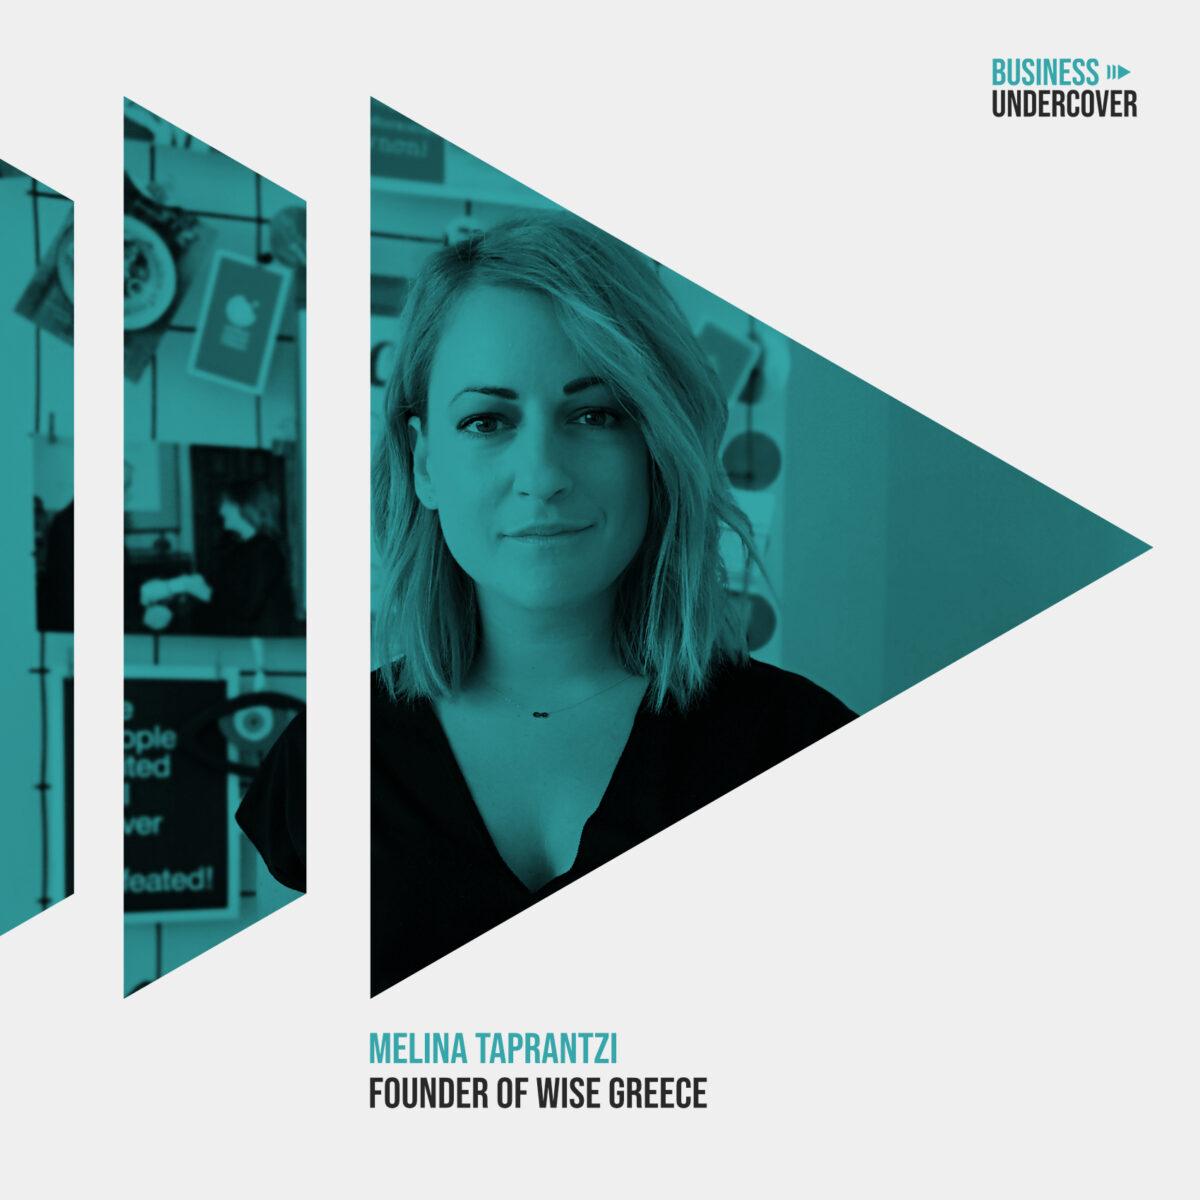 Πως μια ΜΚΟ στηρίζει Έλληνες παραγωγούς και ανθρώπους που έχουν ανάγκη — Μελίνα Ταπραντζή